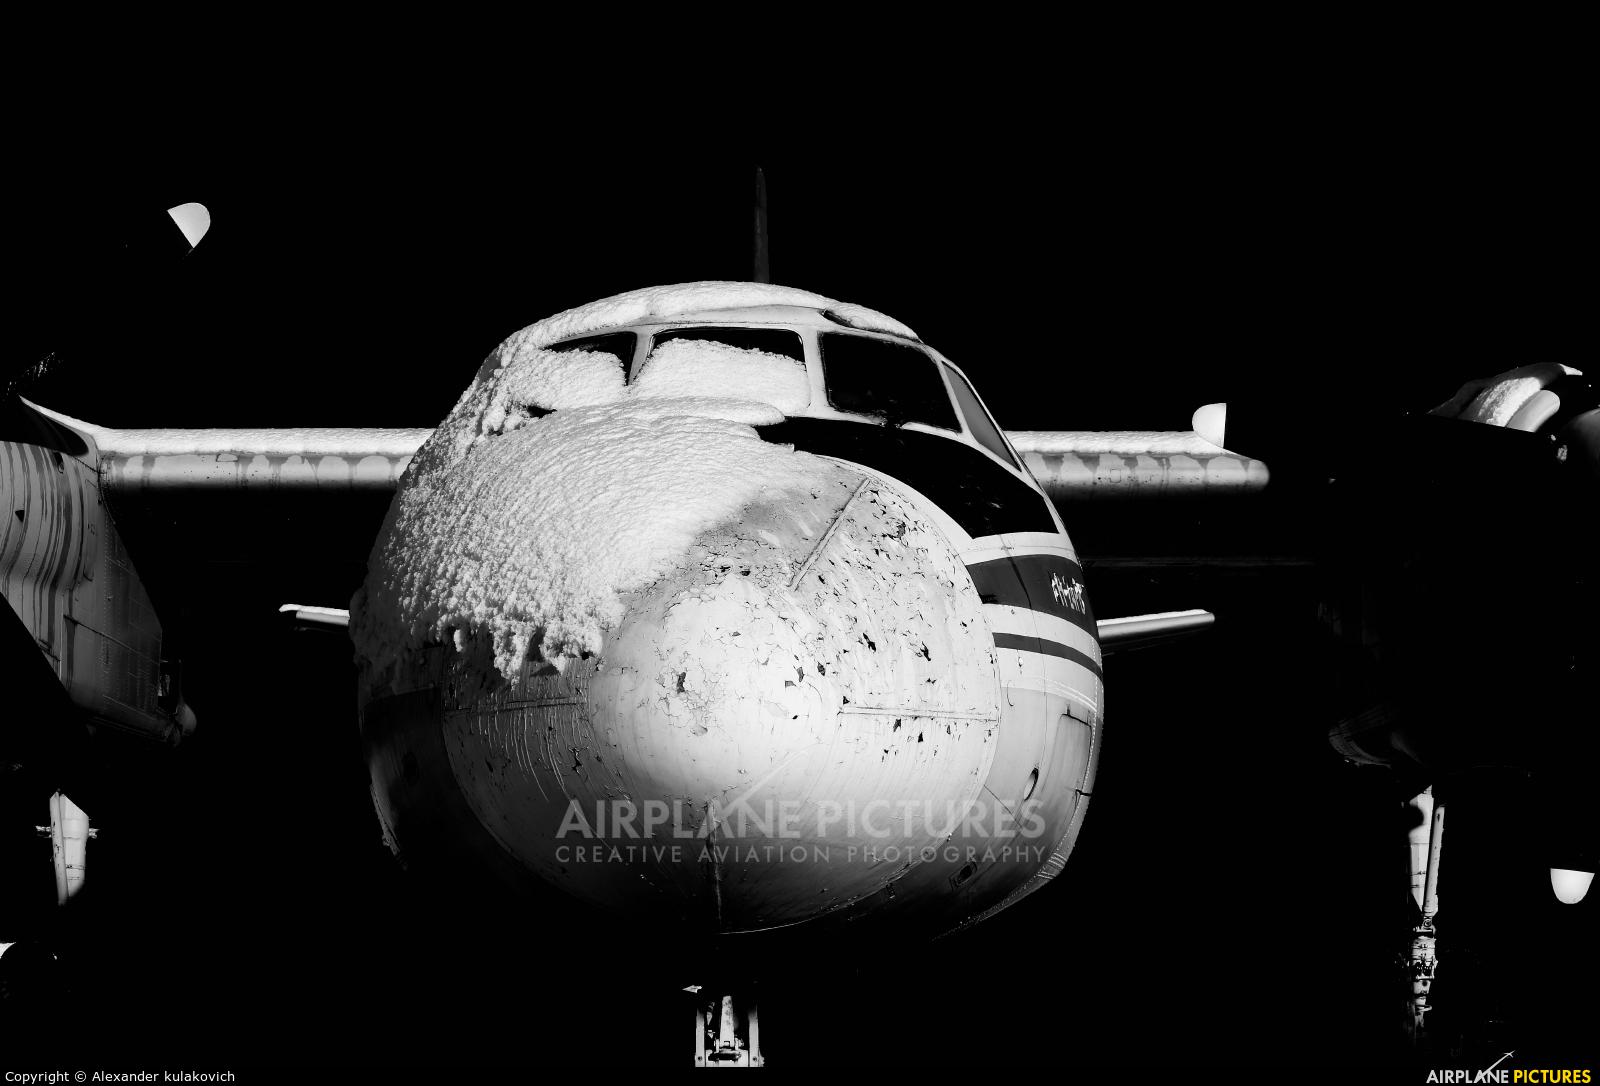 Belavia EW-47291 aircraft at Minsk Intl